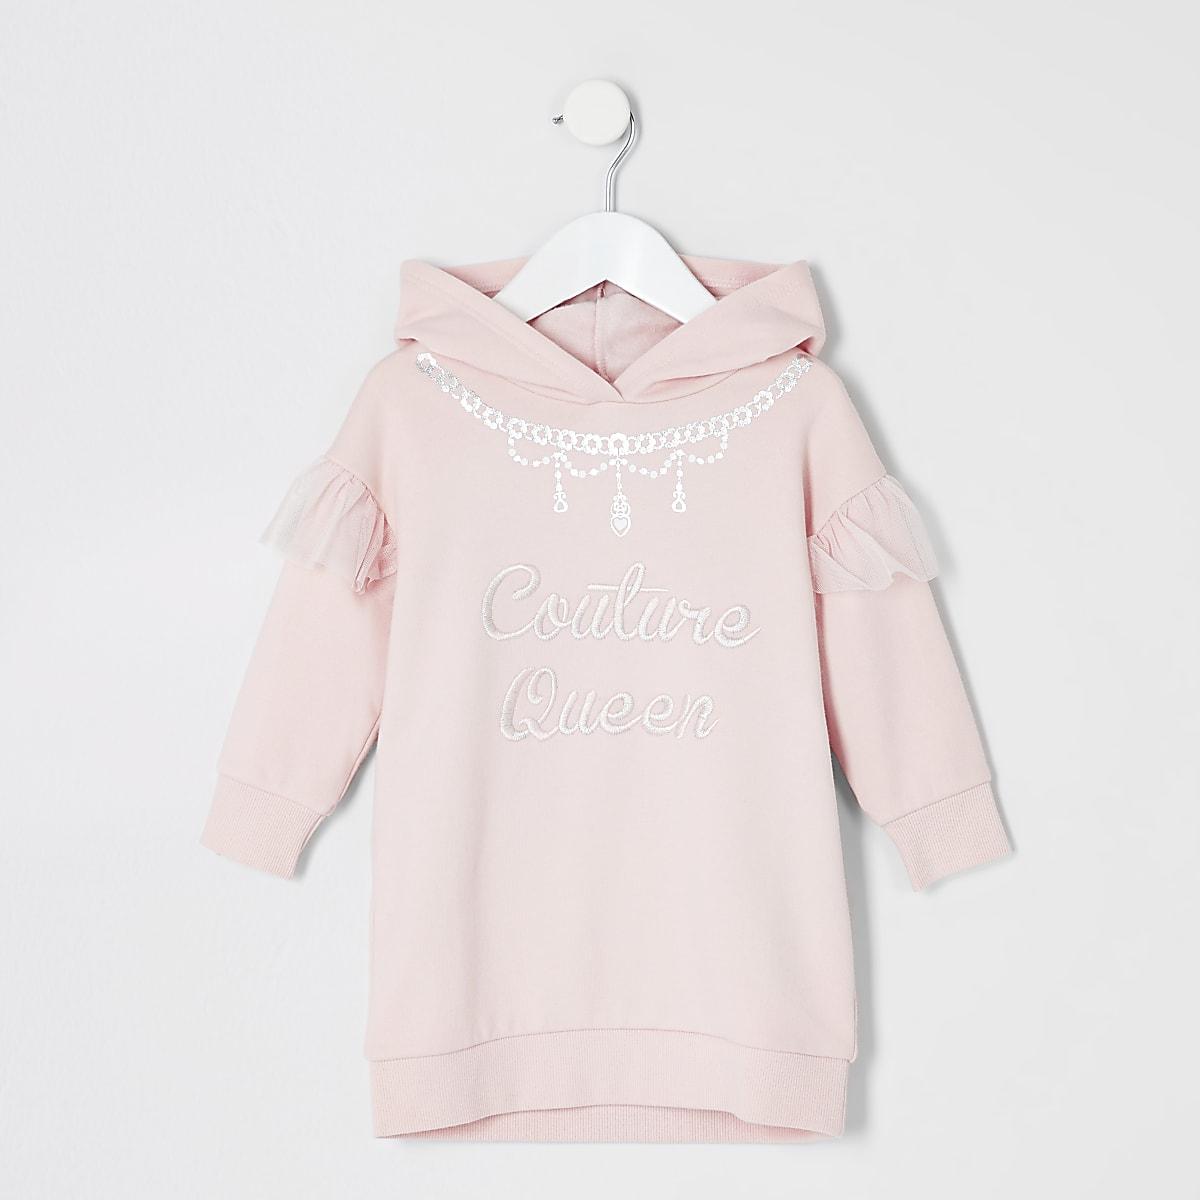 Mini - Roze hoodie-jurk met 'Couture queen'-print voor meisjes